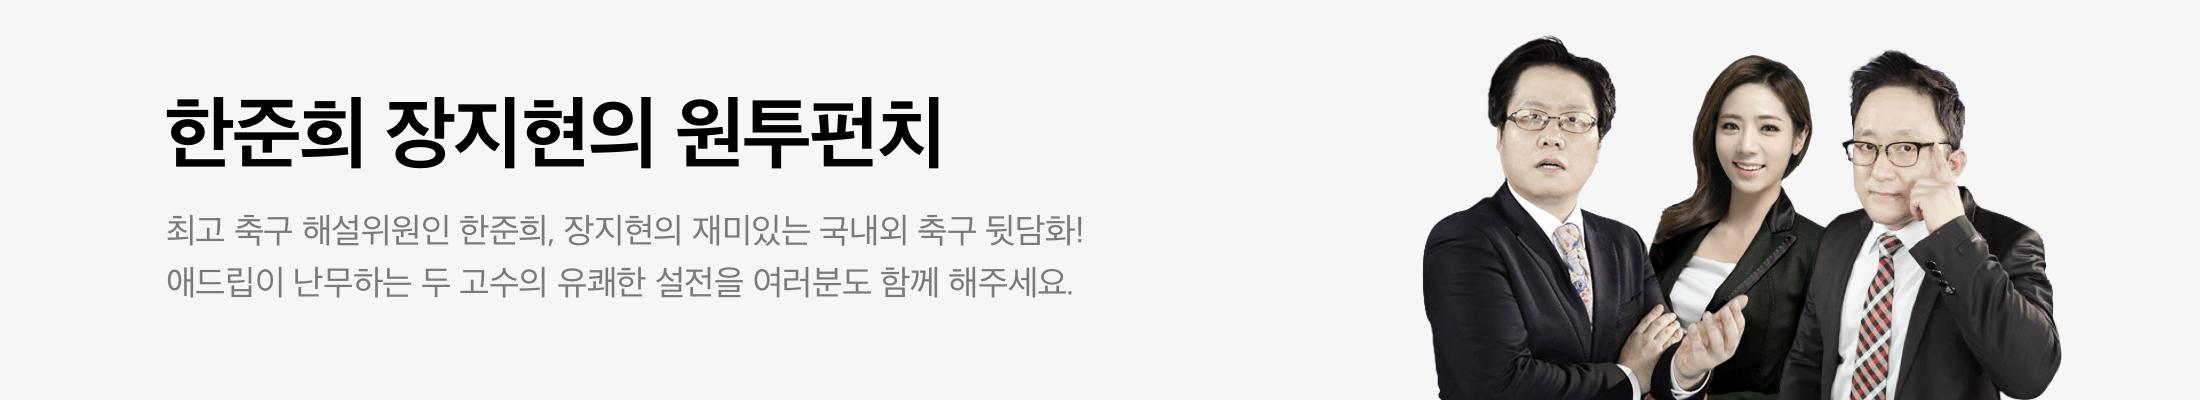 한준희-장지현의 원투펀치